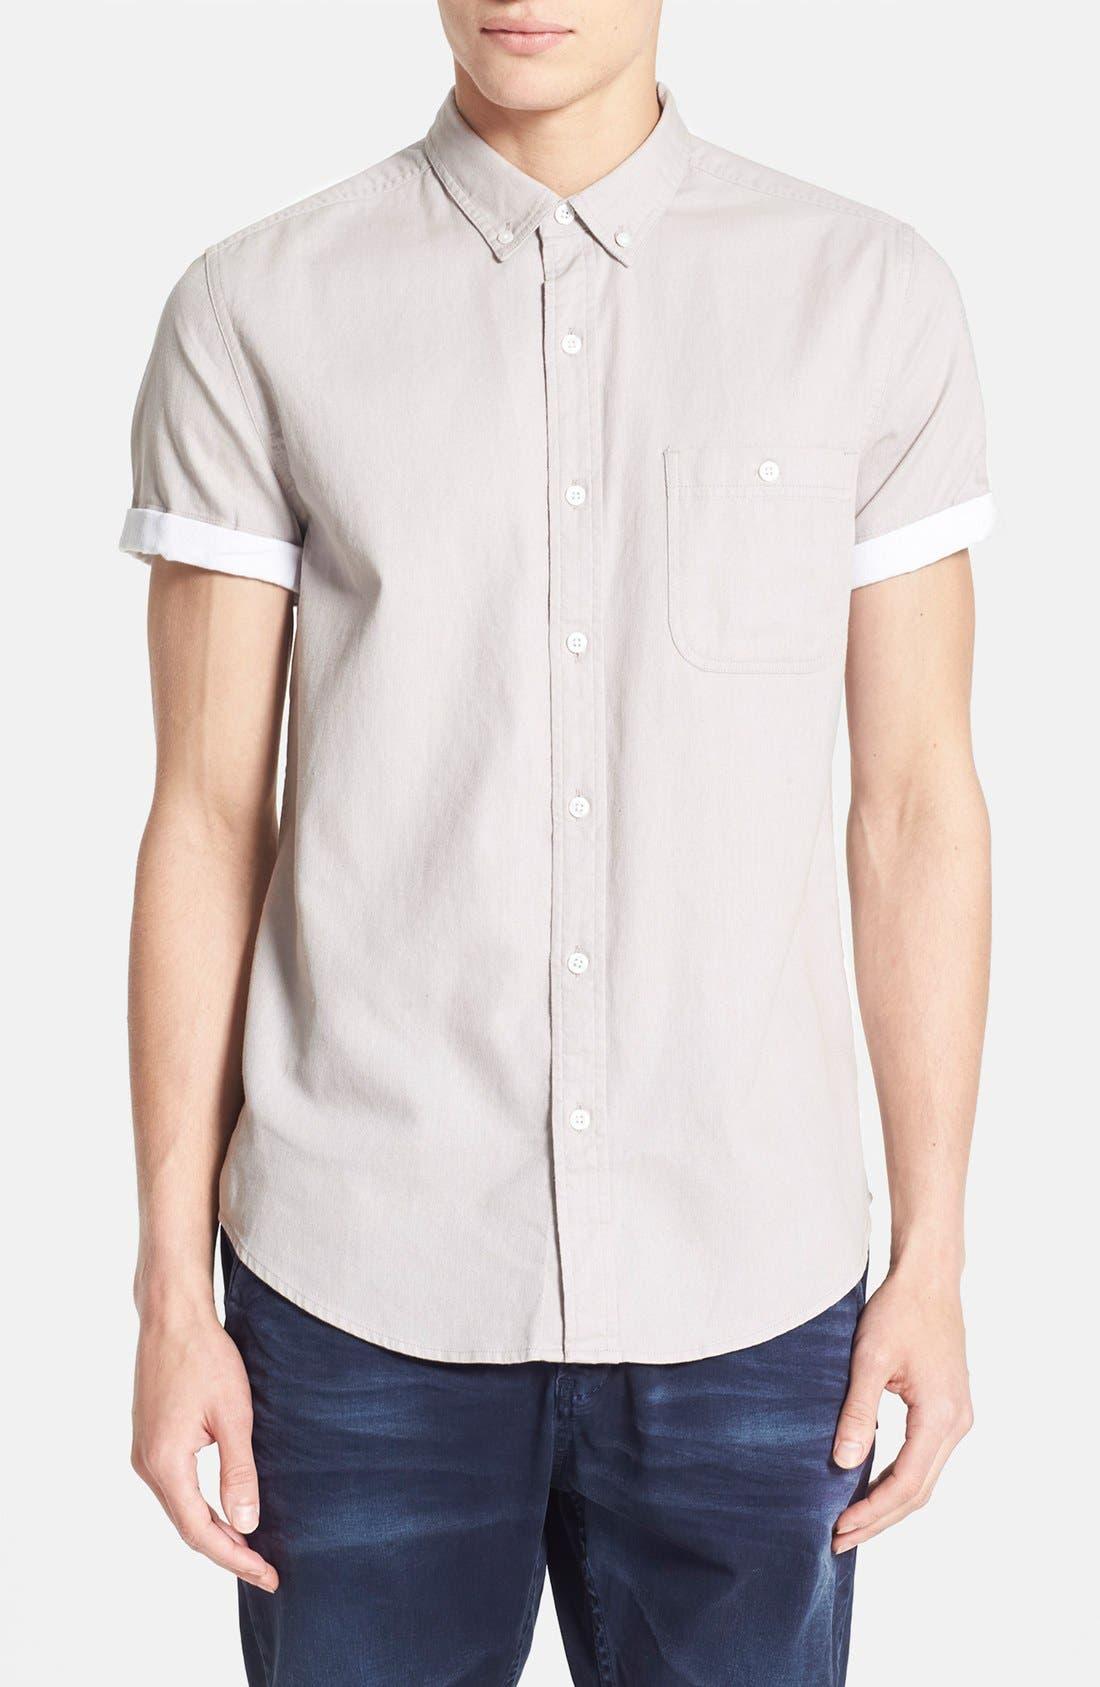 TOPMAN,                             Contrast Trim Short Sleeve Cotton Shirt,                             Main thumbnail 1, color,                             020